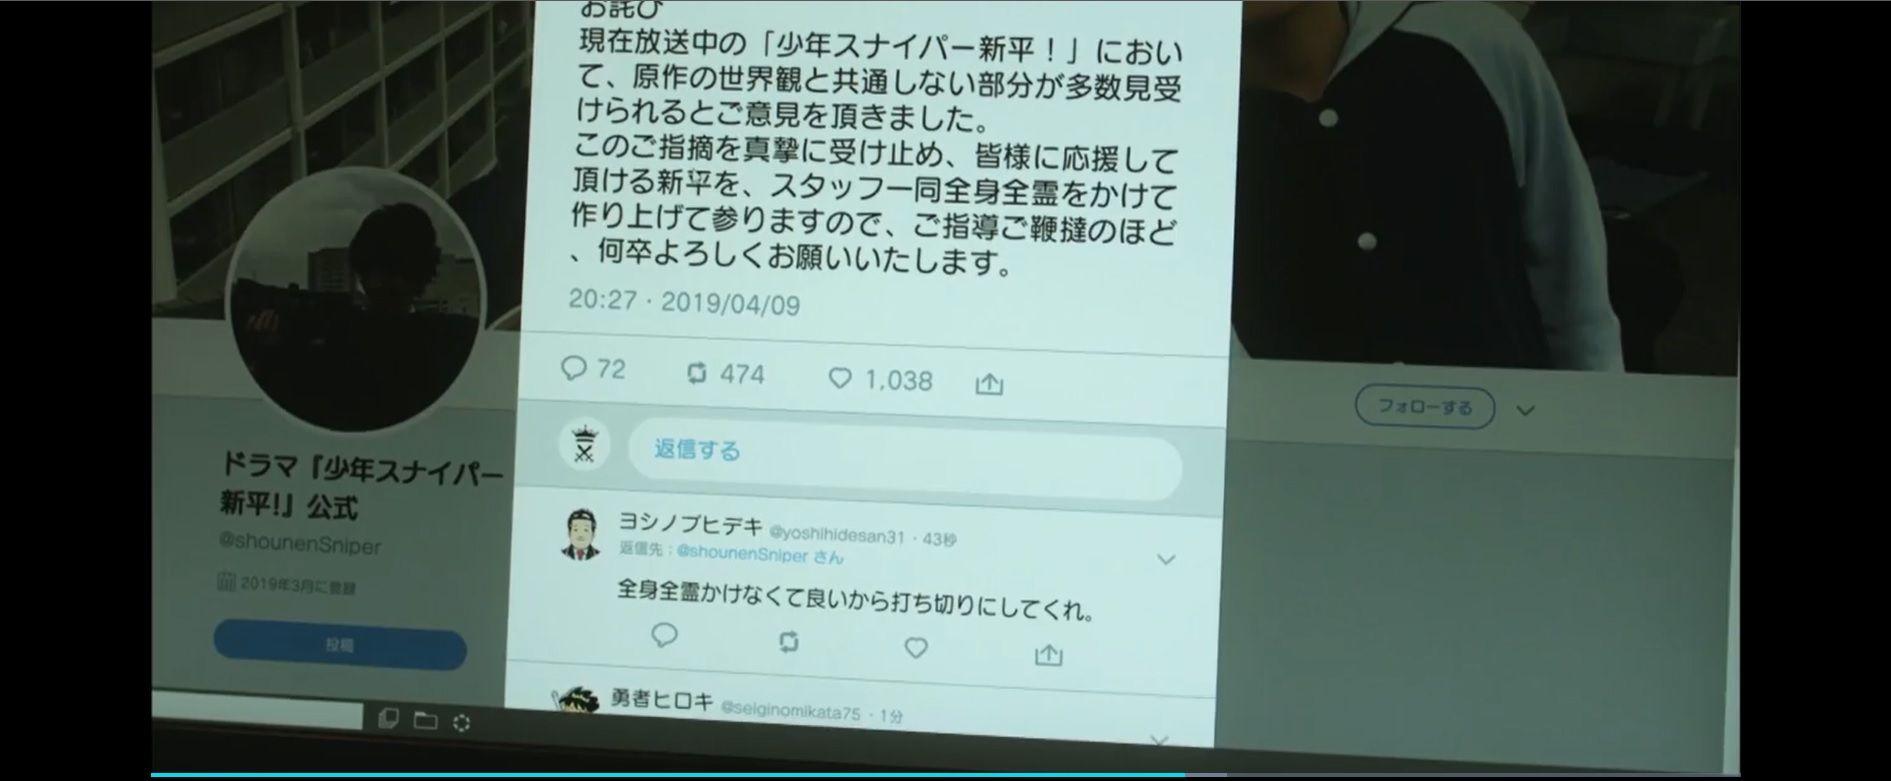 悲報日本テレビドラマ内で炎上加害者として尊師のイラストを